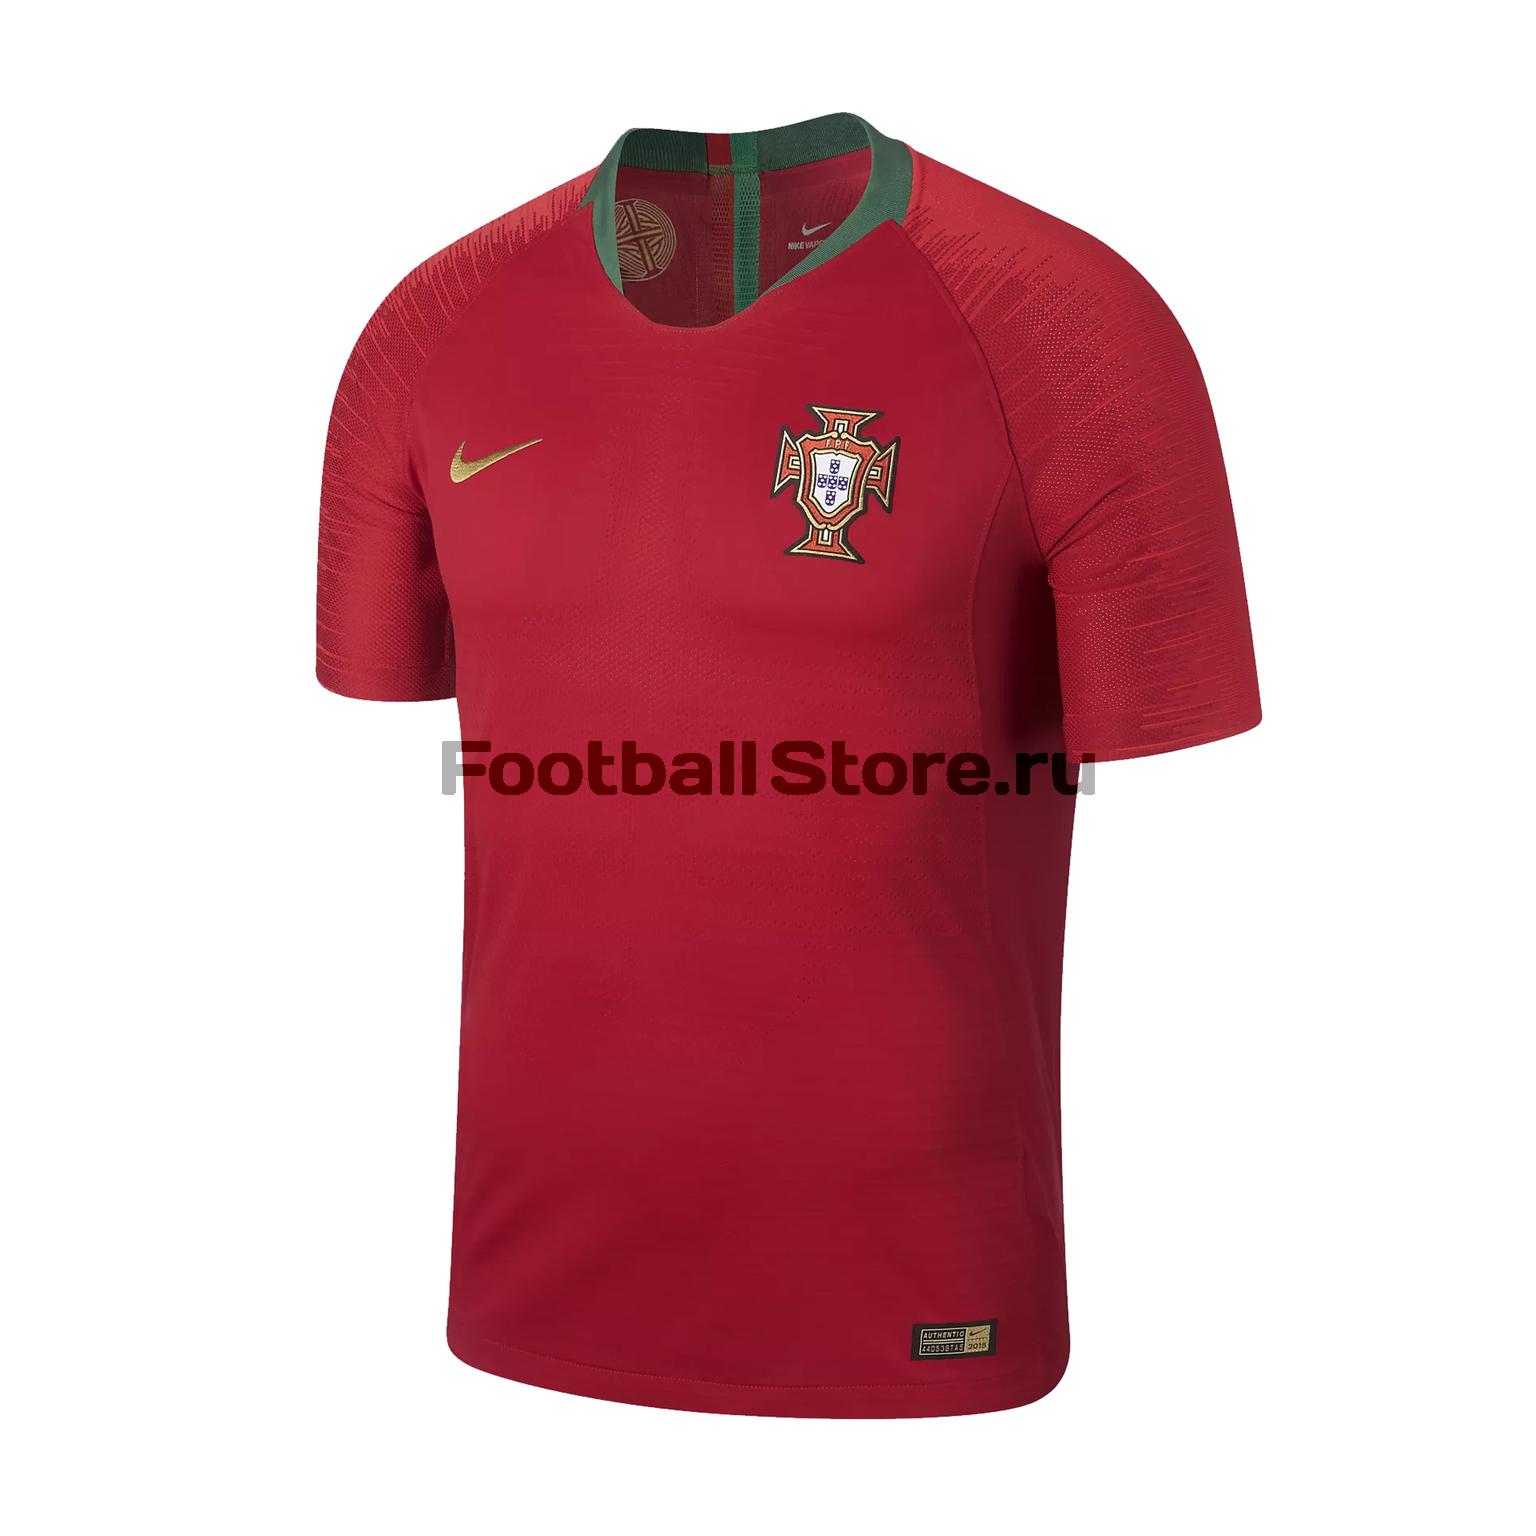 Оригинальная игровая футболка Nike сборной Португалии 2018/19 оригинальная домашняя футболка nike дзюба 22 2018 19 nike